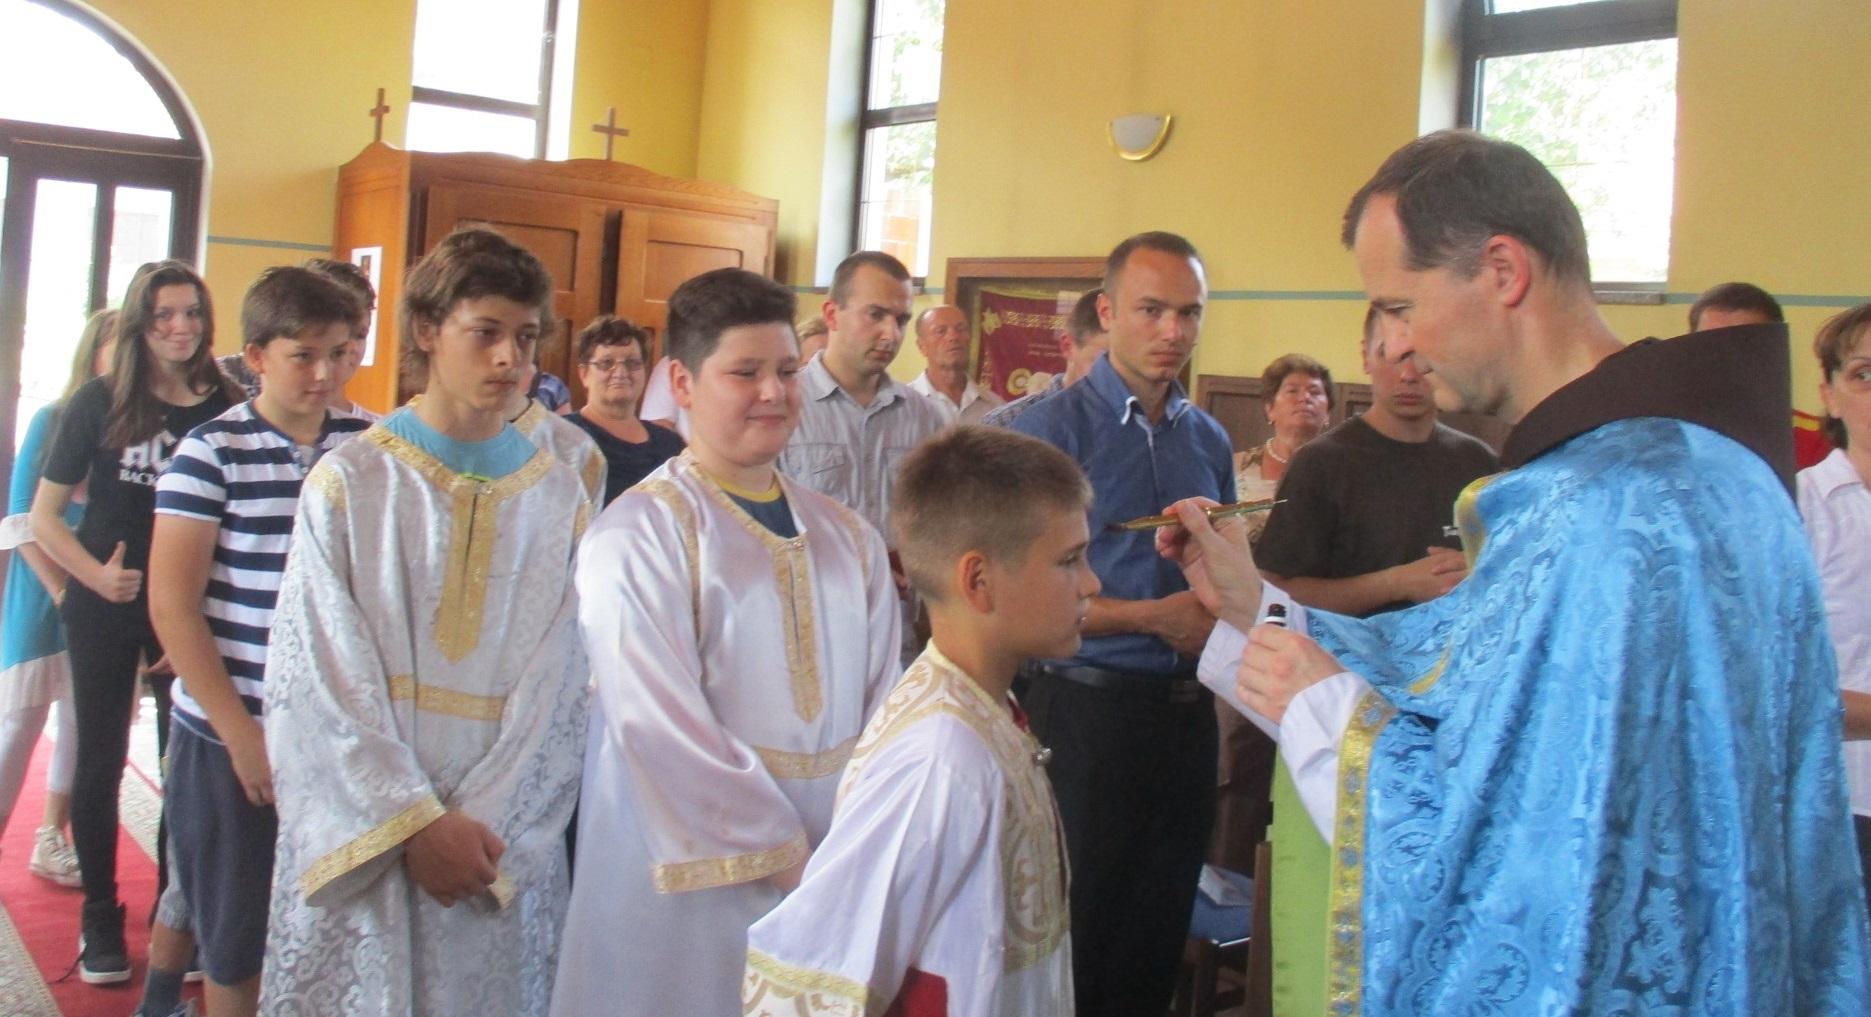 Povodom blagdana Muka presvete Bogorodice u Samoboru održana godišnja molitva za zdravlje